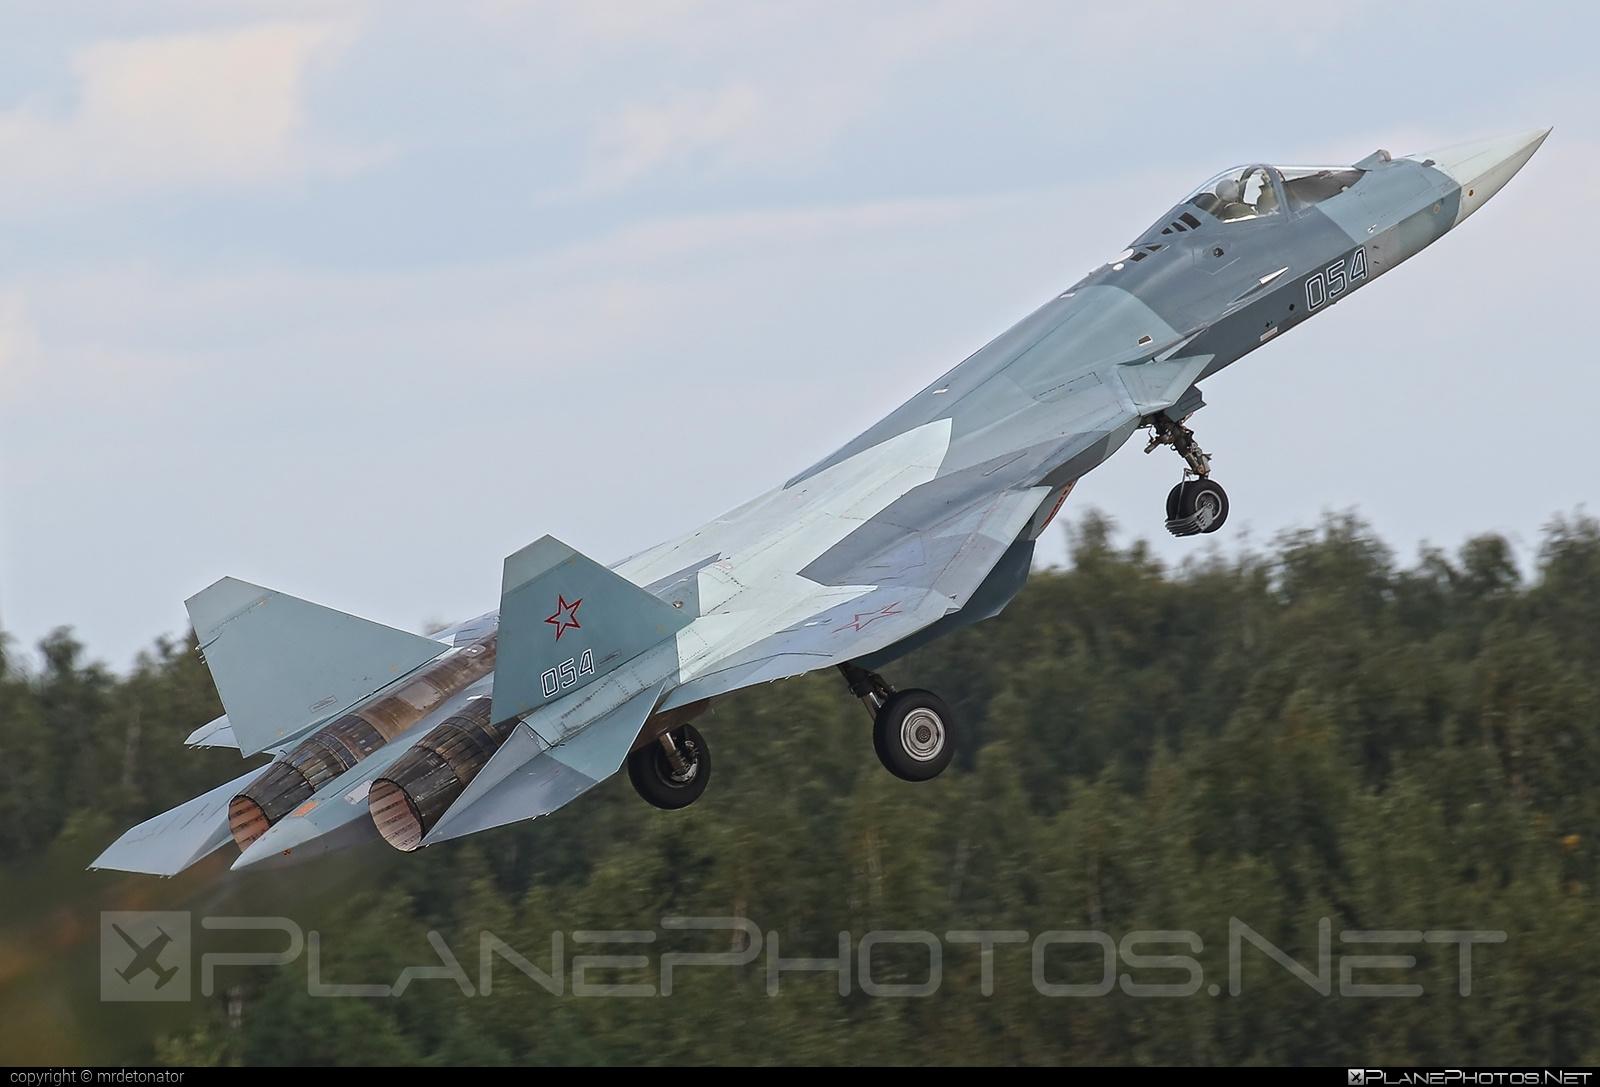 Sukhoi T-50 - 054 operated by Sukhoi Design Bureau #maks2015 #su57 #sukhoi #sukhoi57 #sukhoit50 #t50